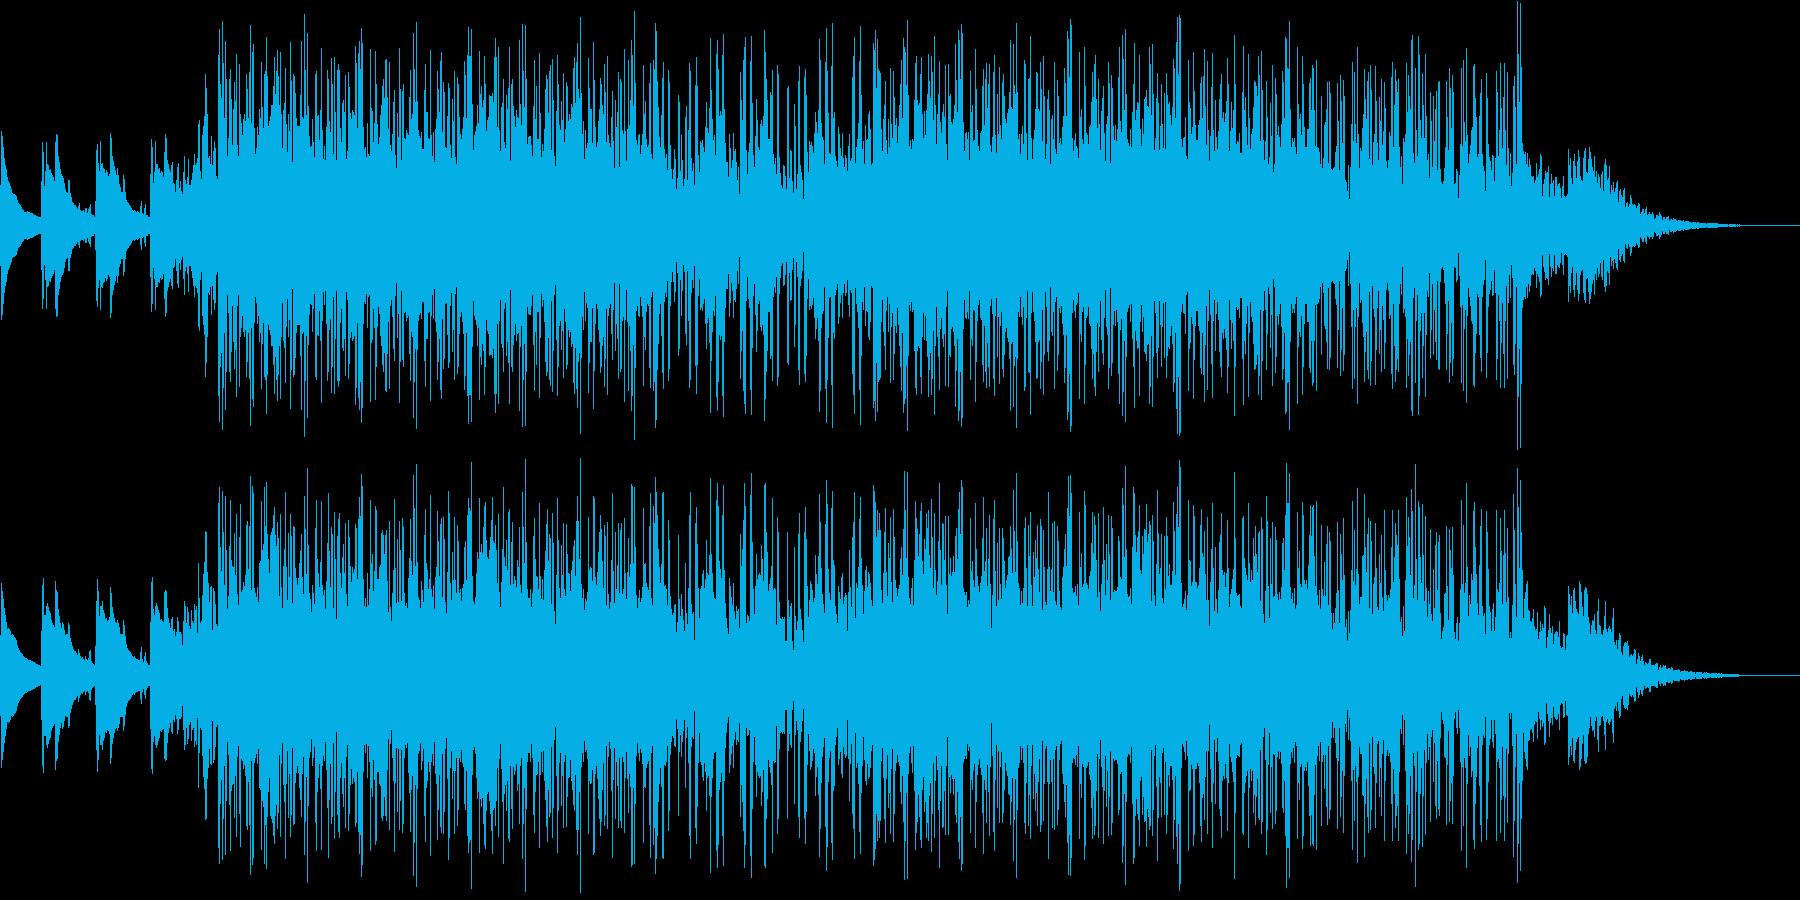 サスペンスのイメージのインストの再生済みの波形